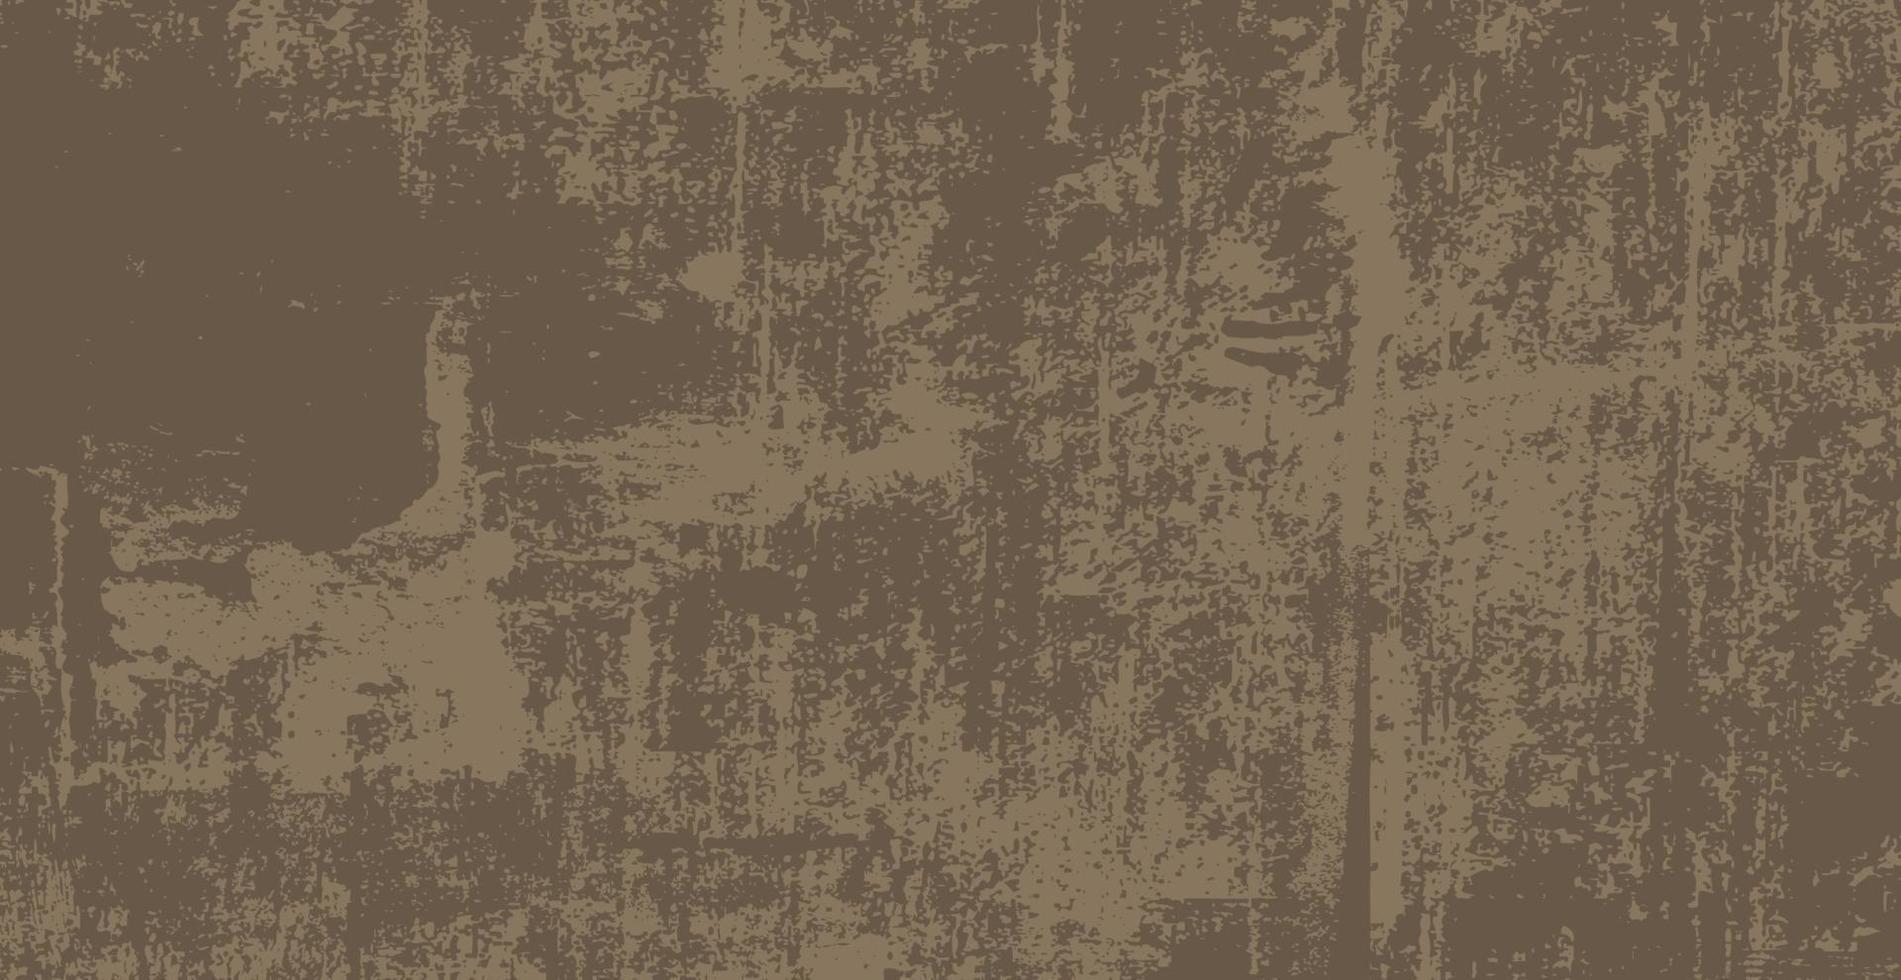 fond réaliste, vieux mur brun foncé - vecteur